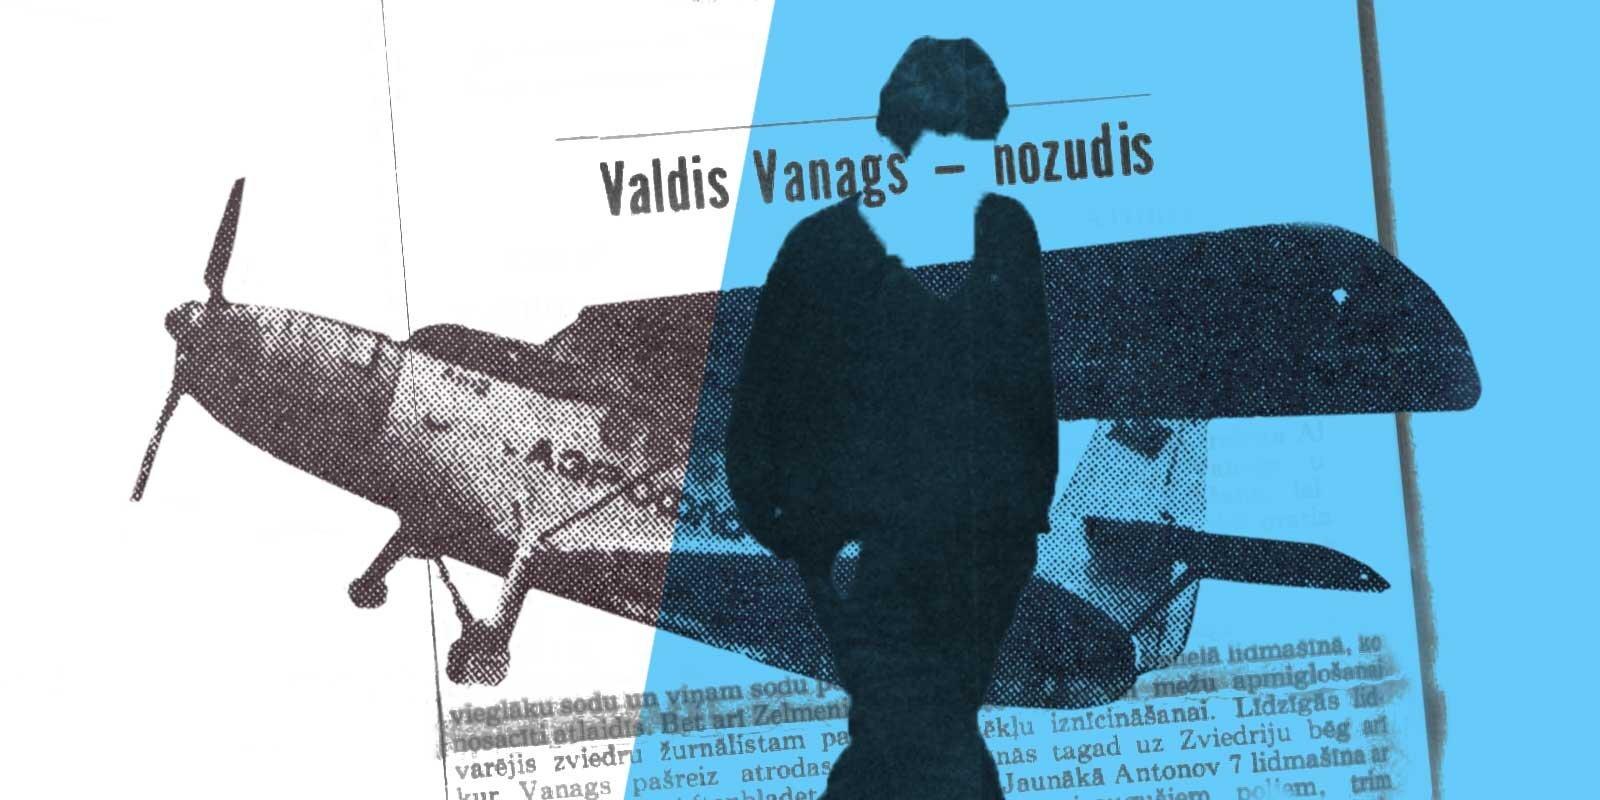 """На """"кукурузнике"""" в Швецию: сбежавший из СССР летчик вернулся домой и оказался в больнице на Твайку"""